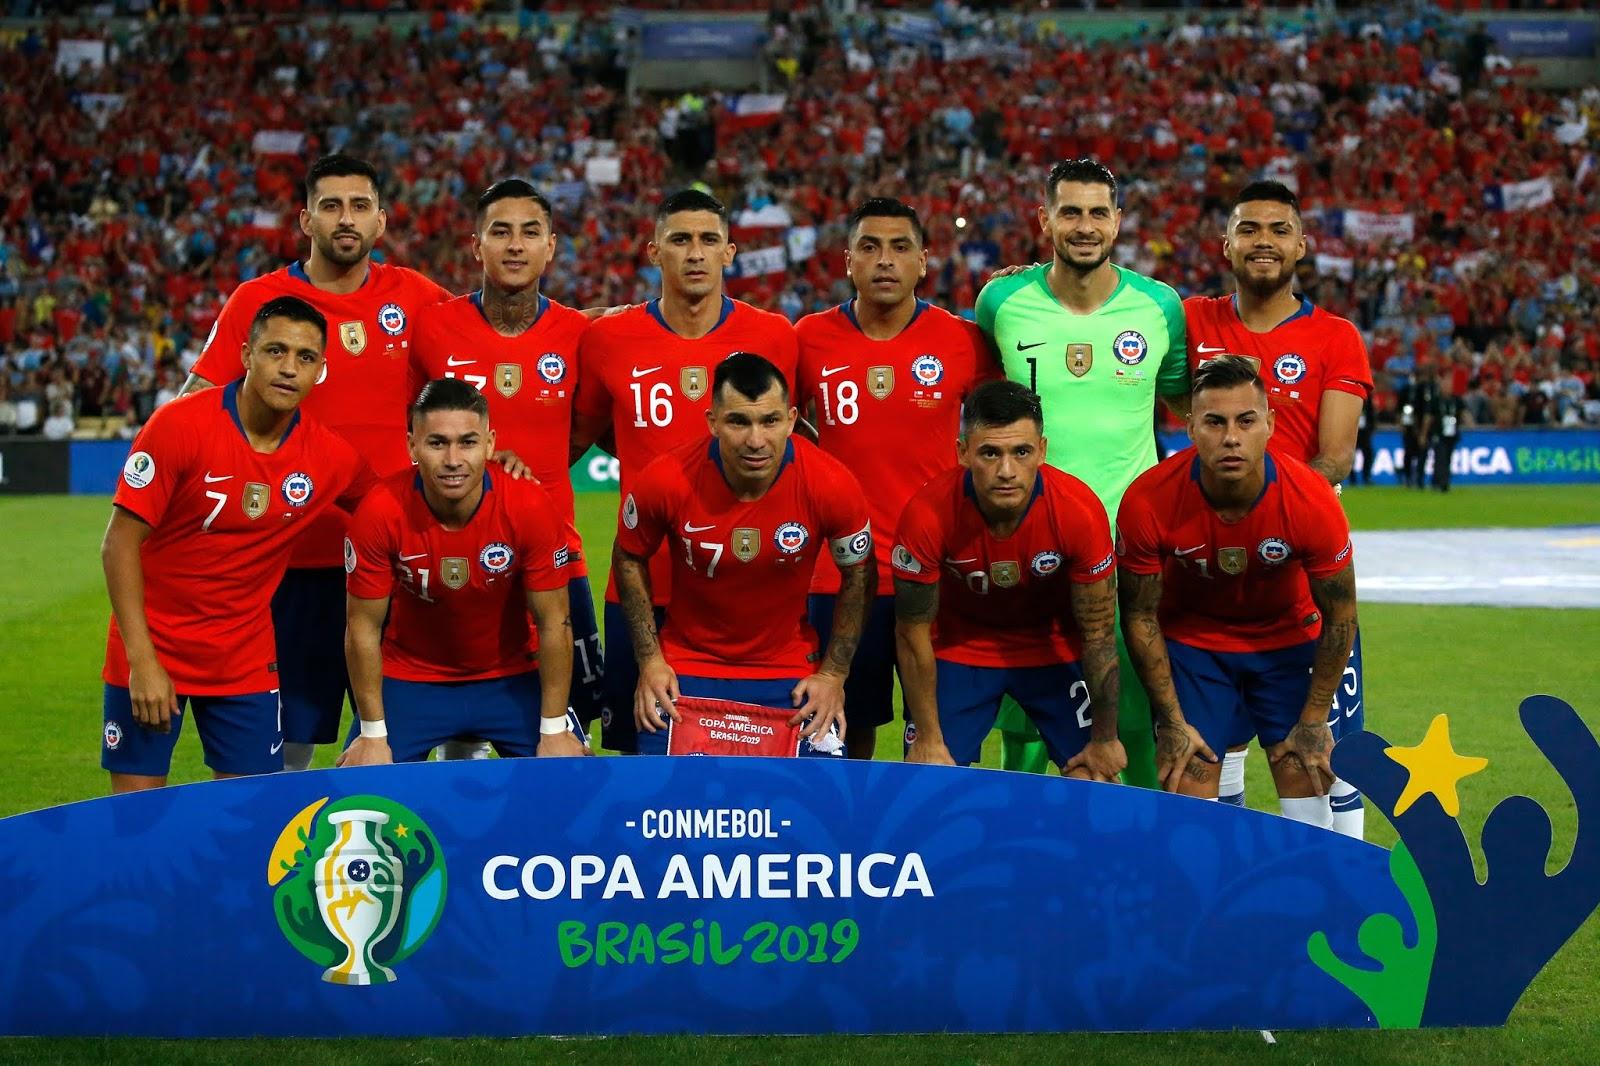 Formación de Chile ante Uruguay, Copa América 2019, 24 de junio